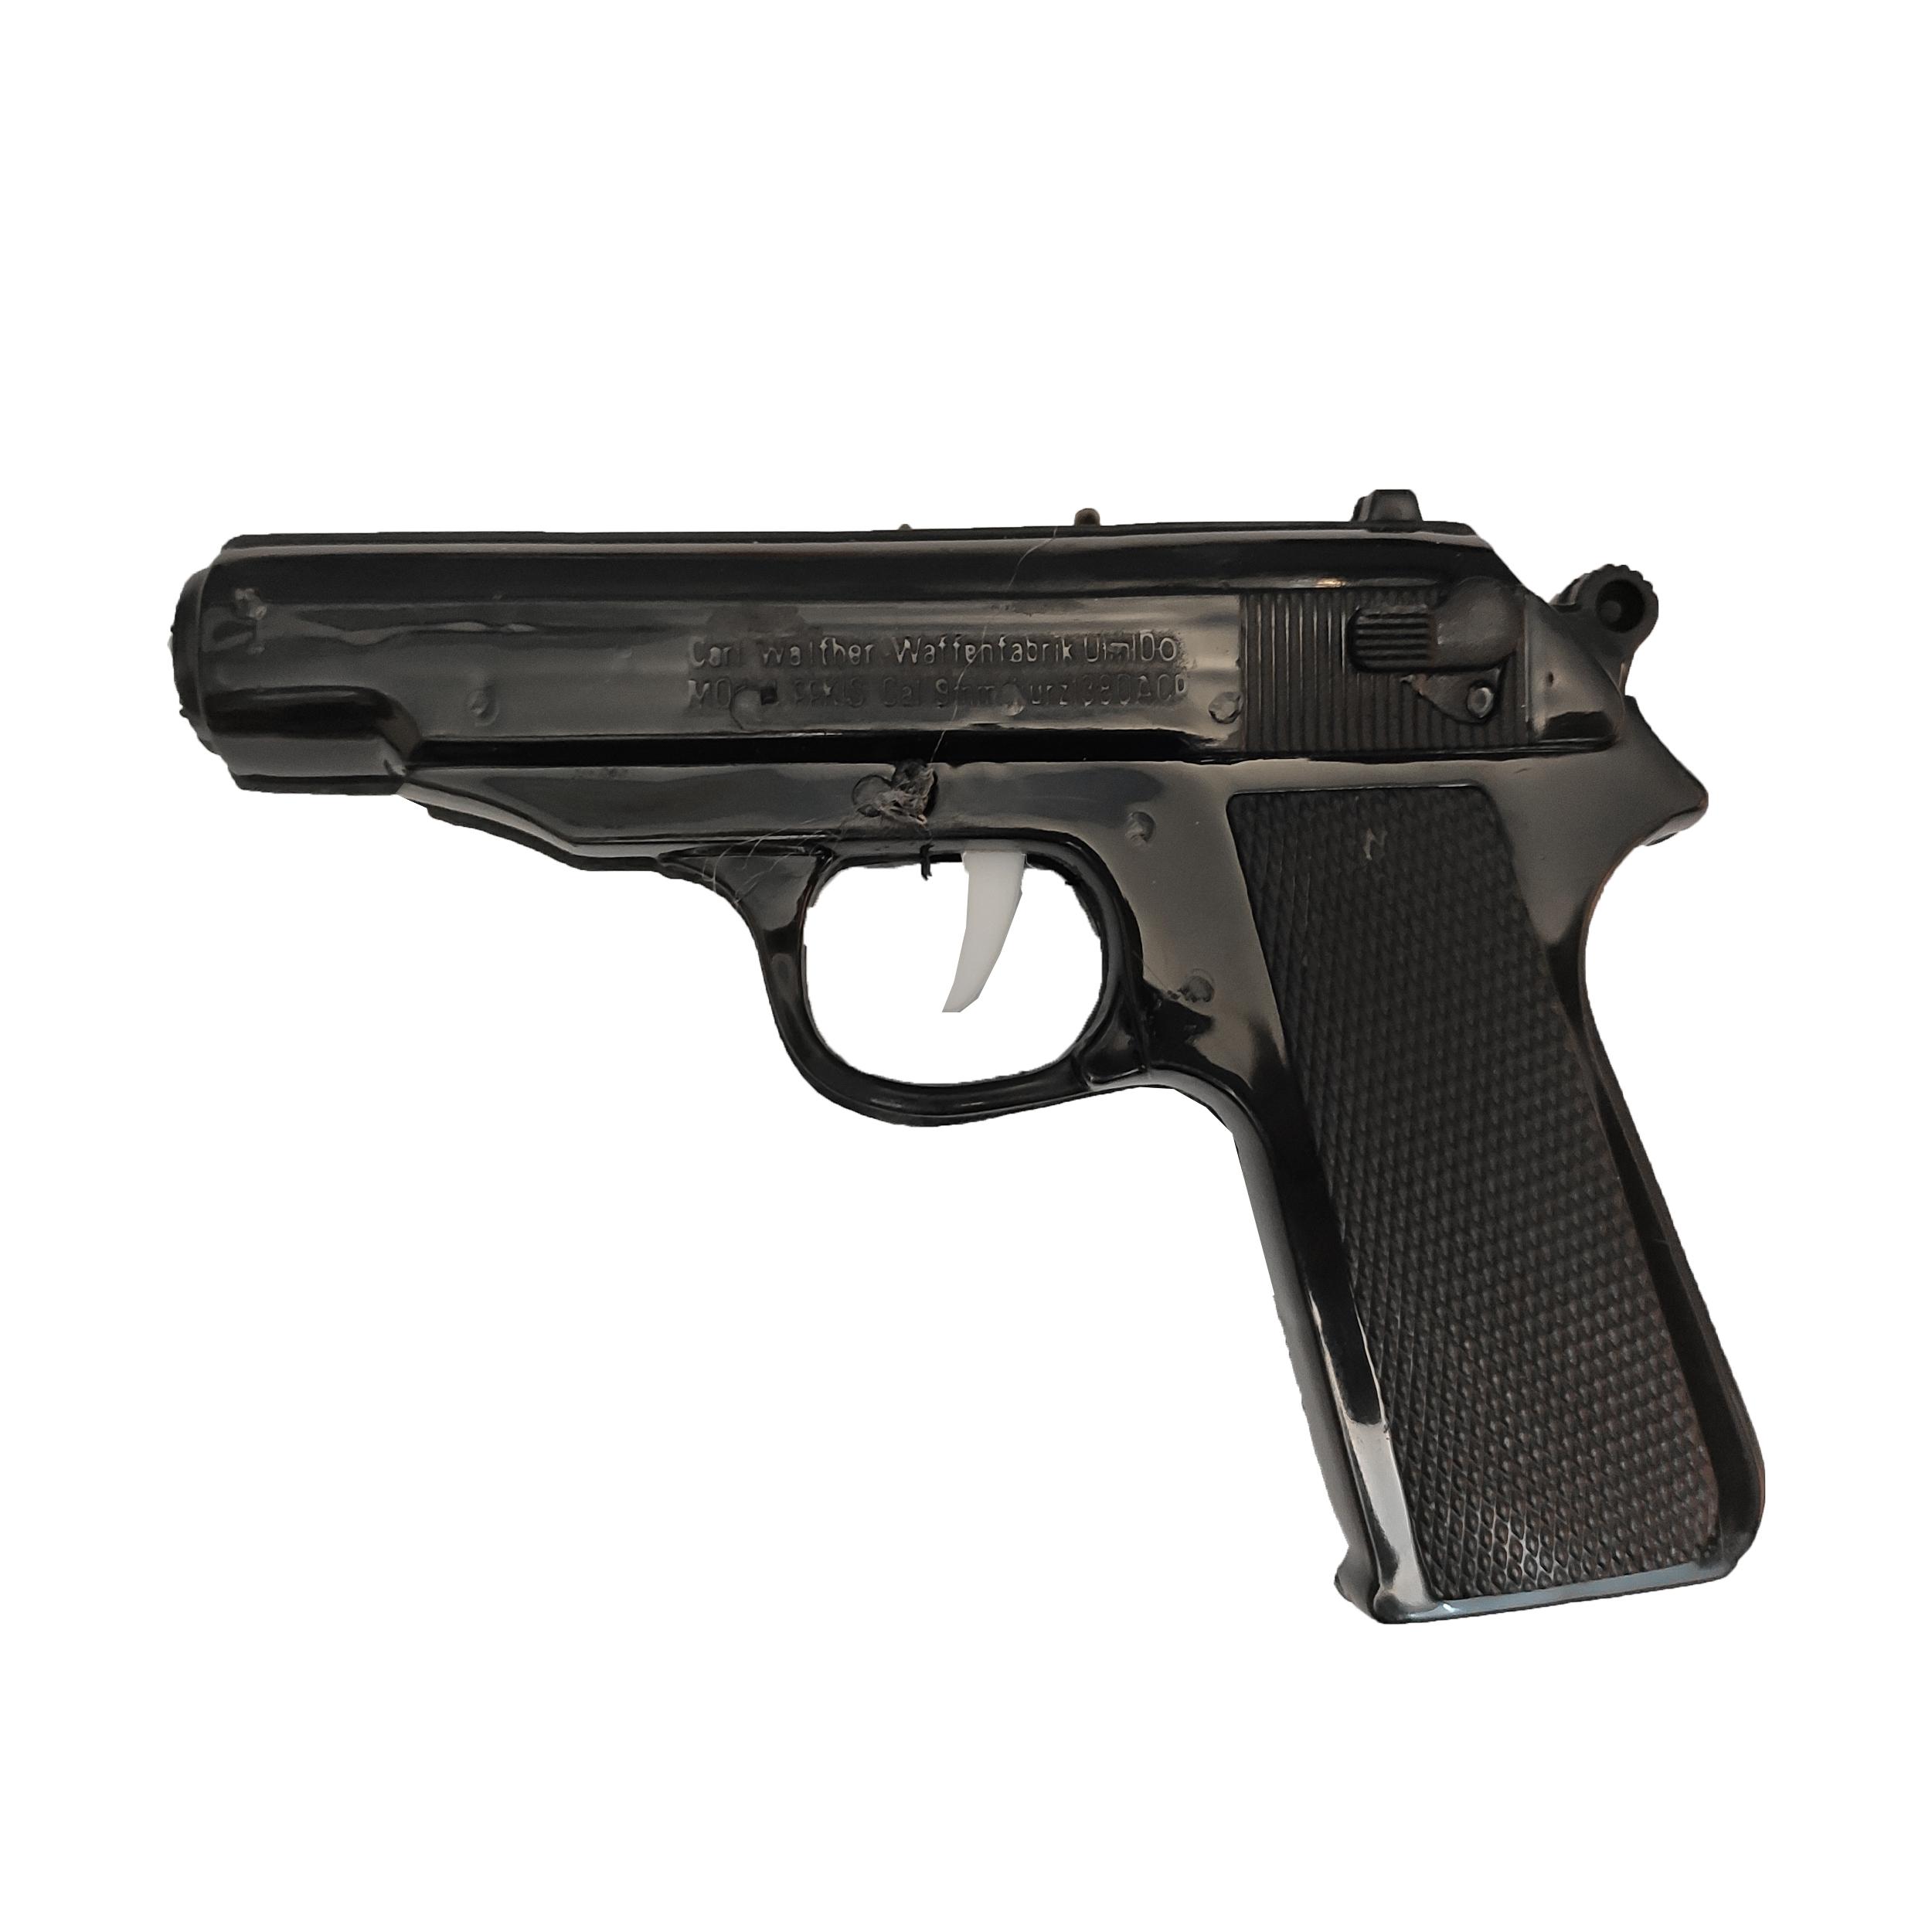 تفنگ بازی مدل پلیس کد p1 مجموعه 11 عددی main 1 2